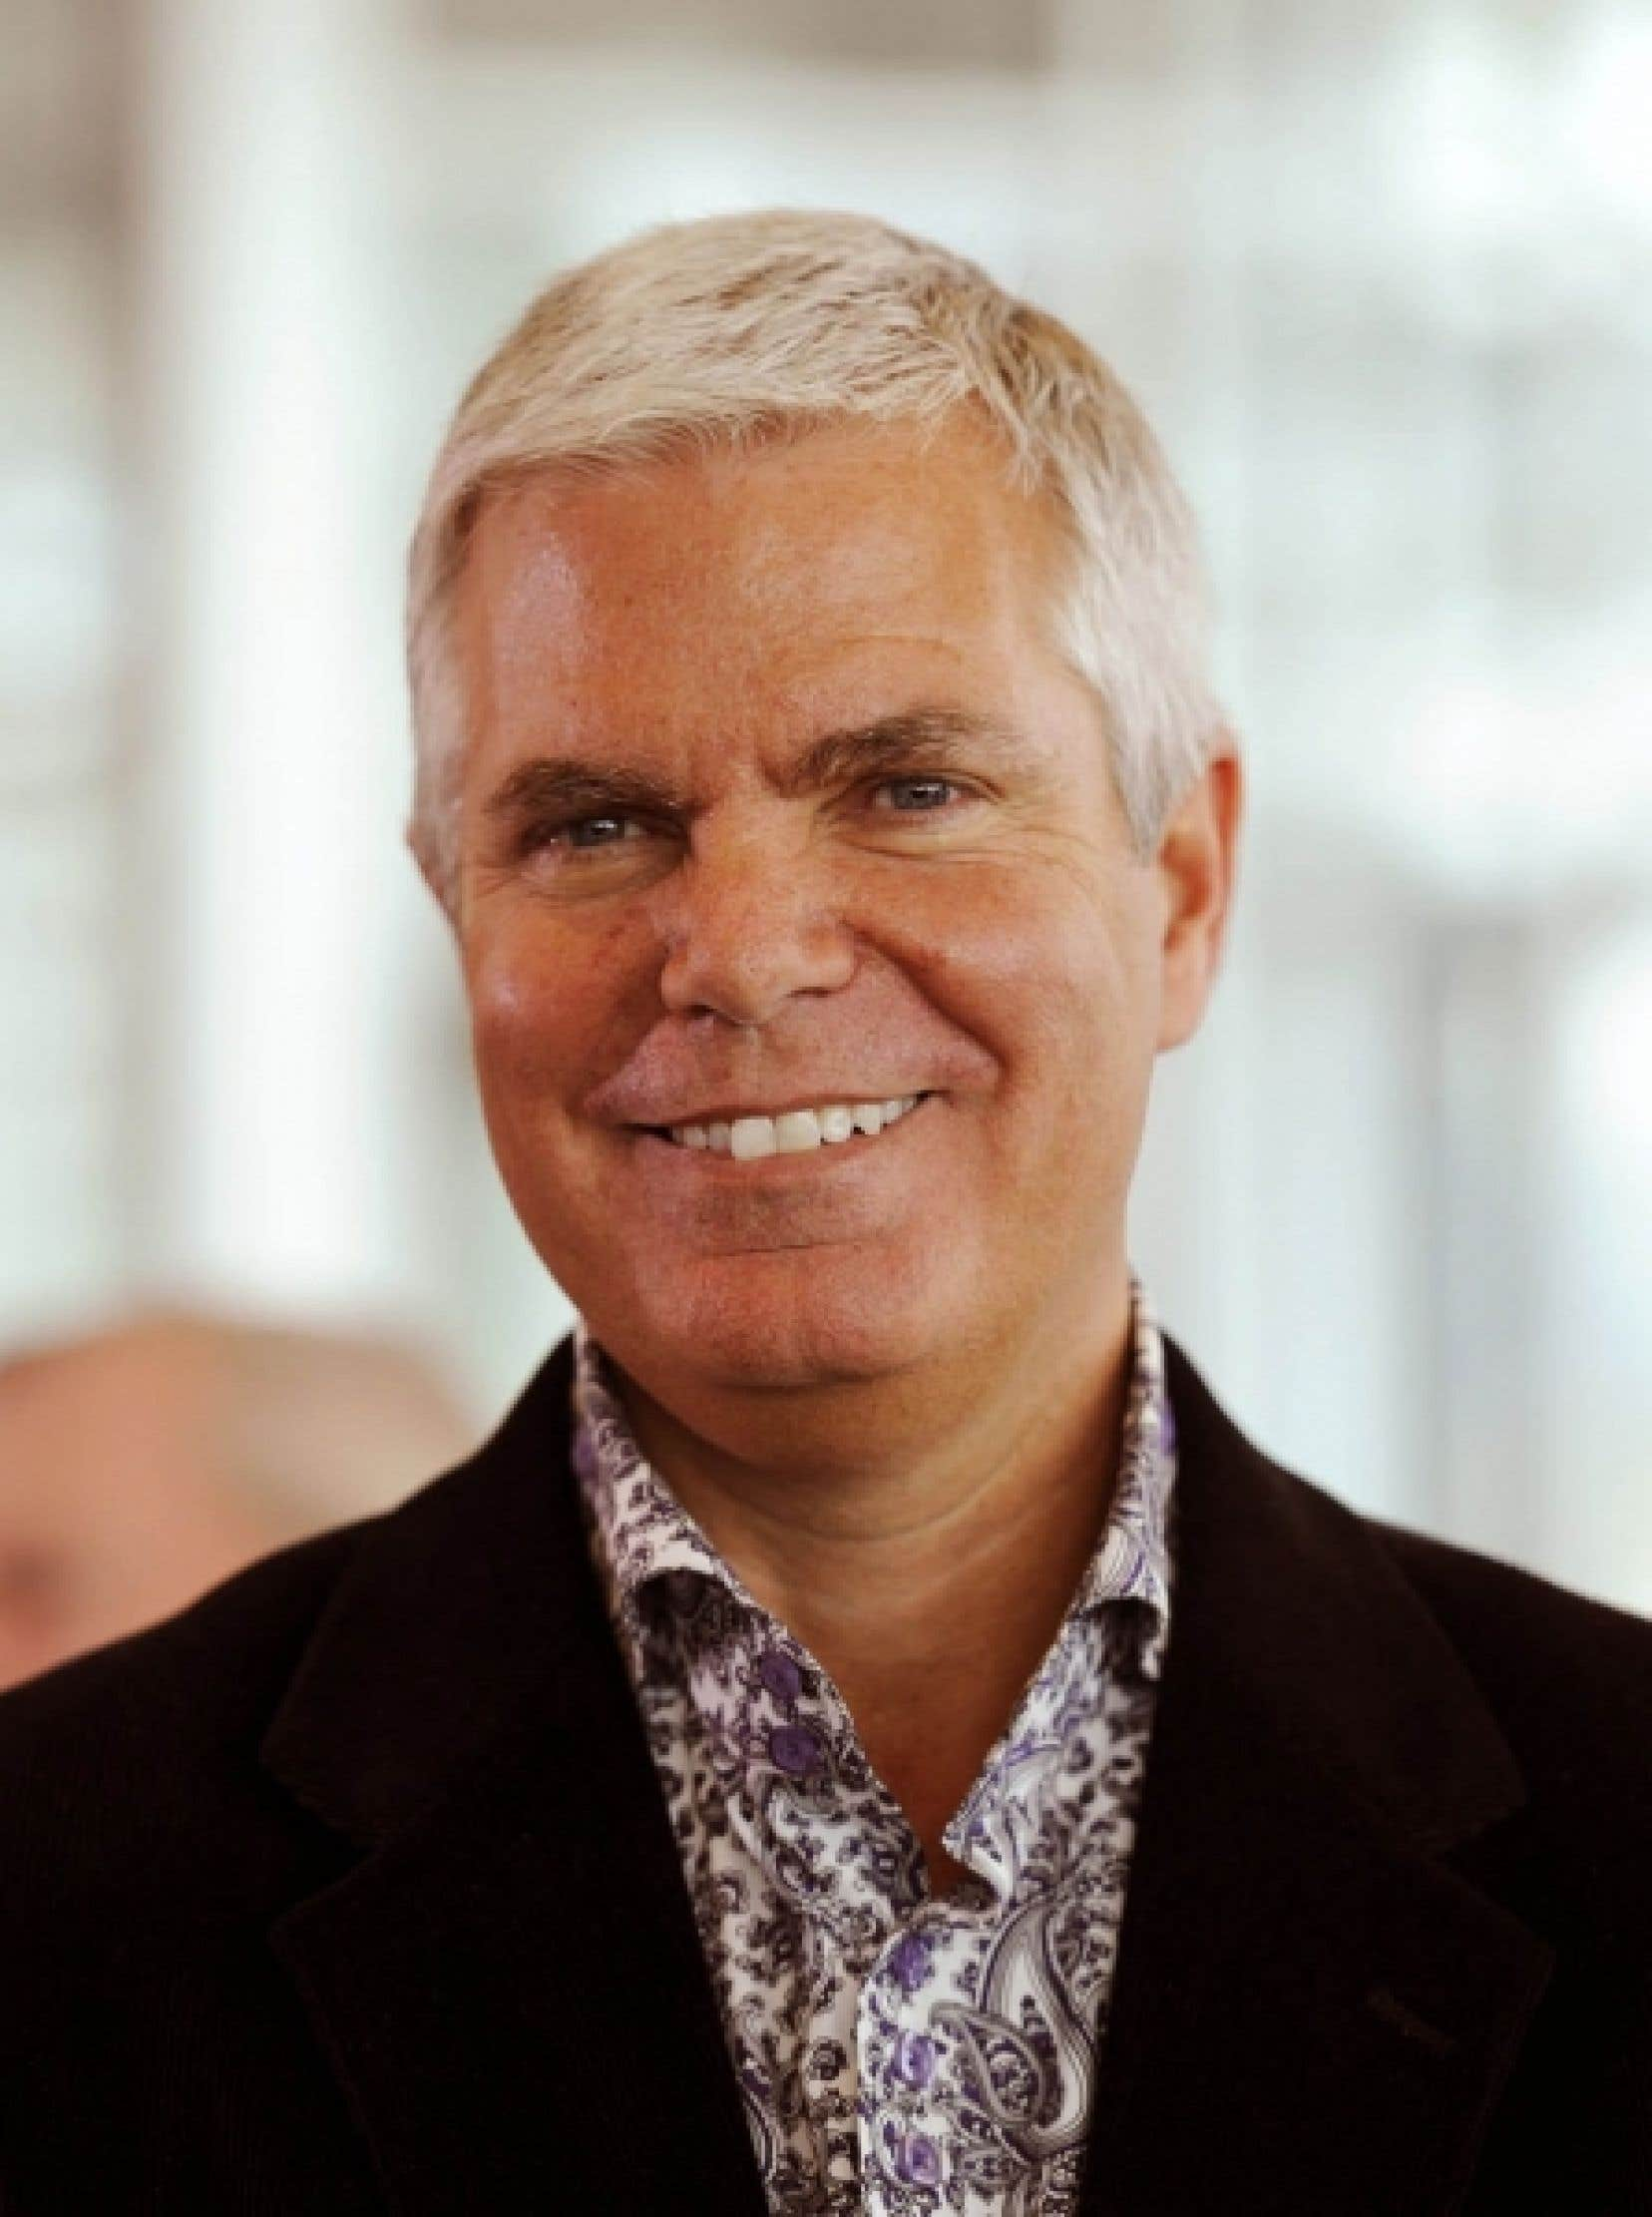 Gregg Saretsky